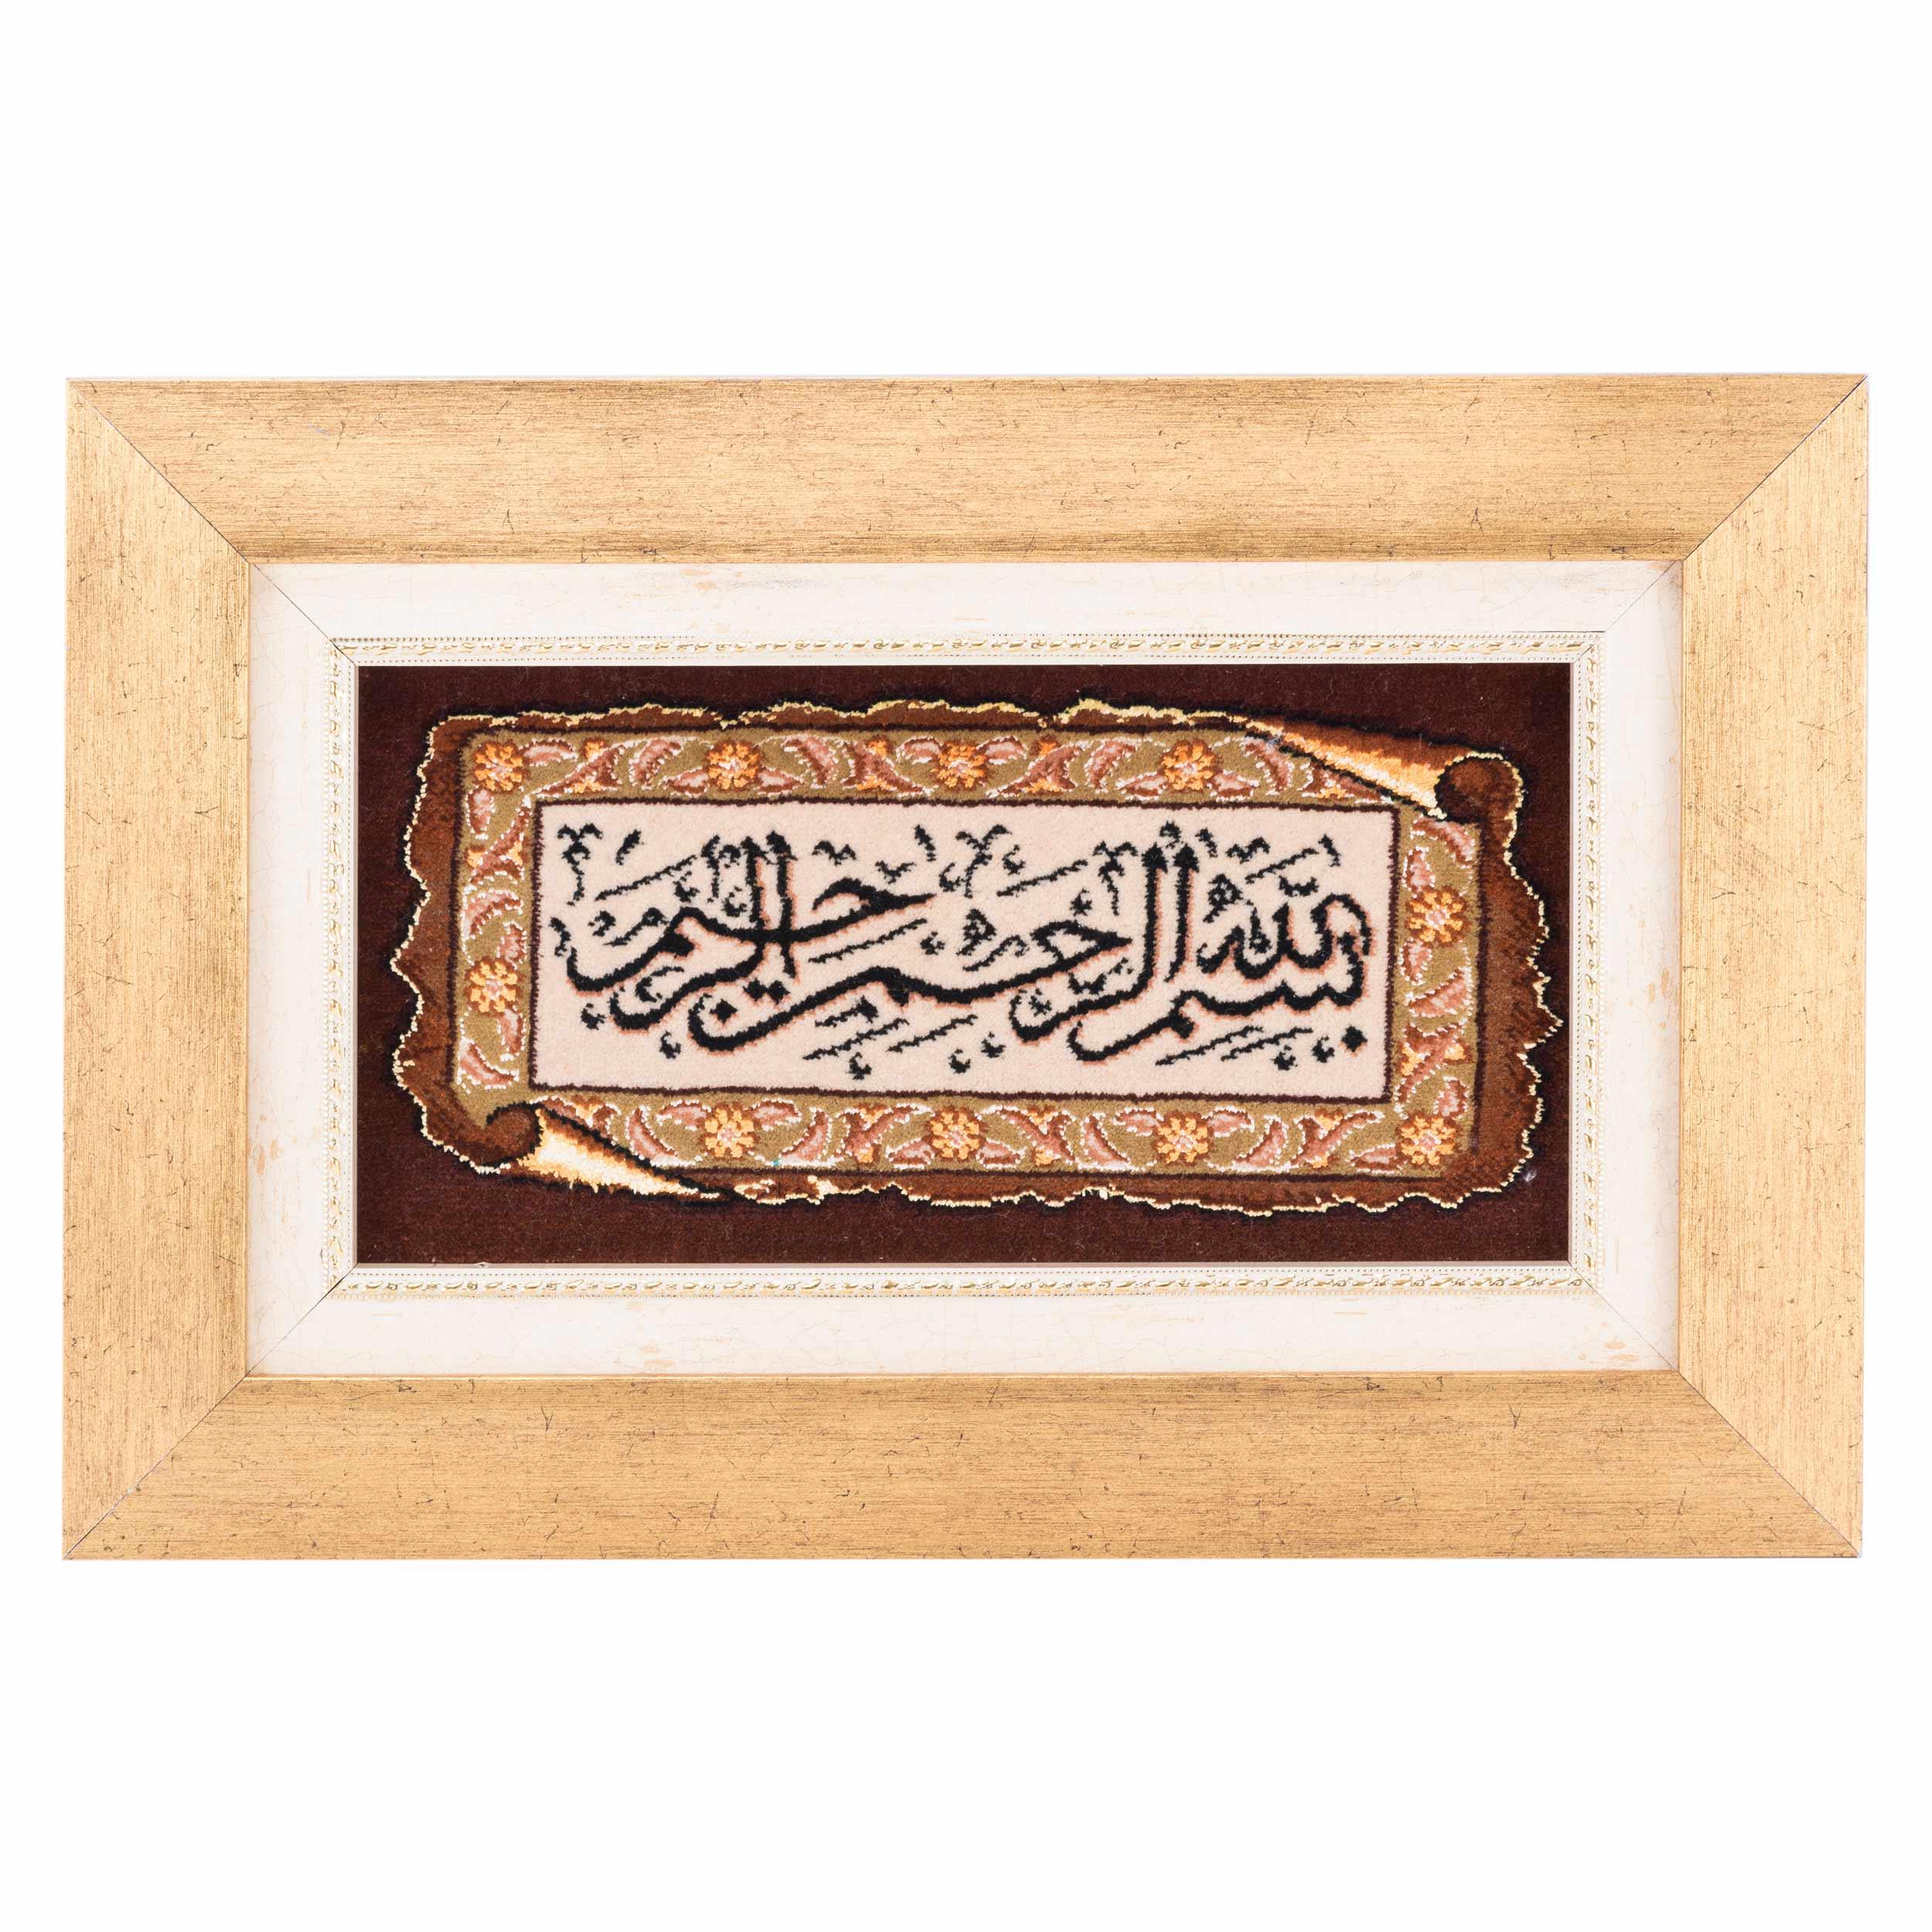 تابلو فرش دستباف بسم الله الرحمن الرحیم سی پرشیا کد 901366